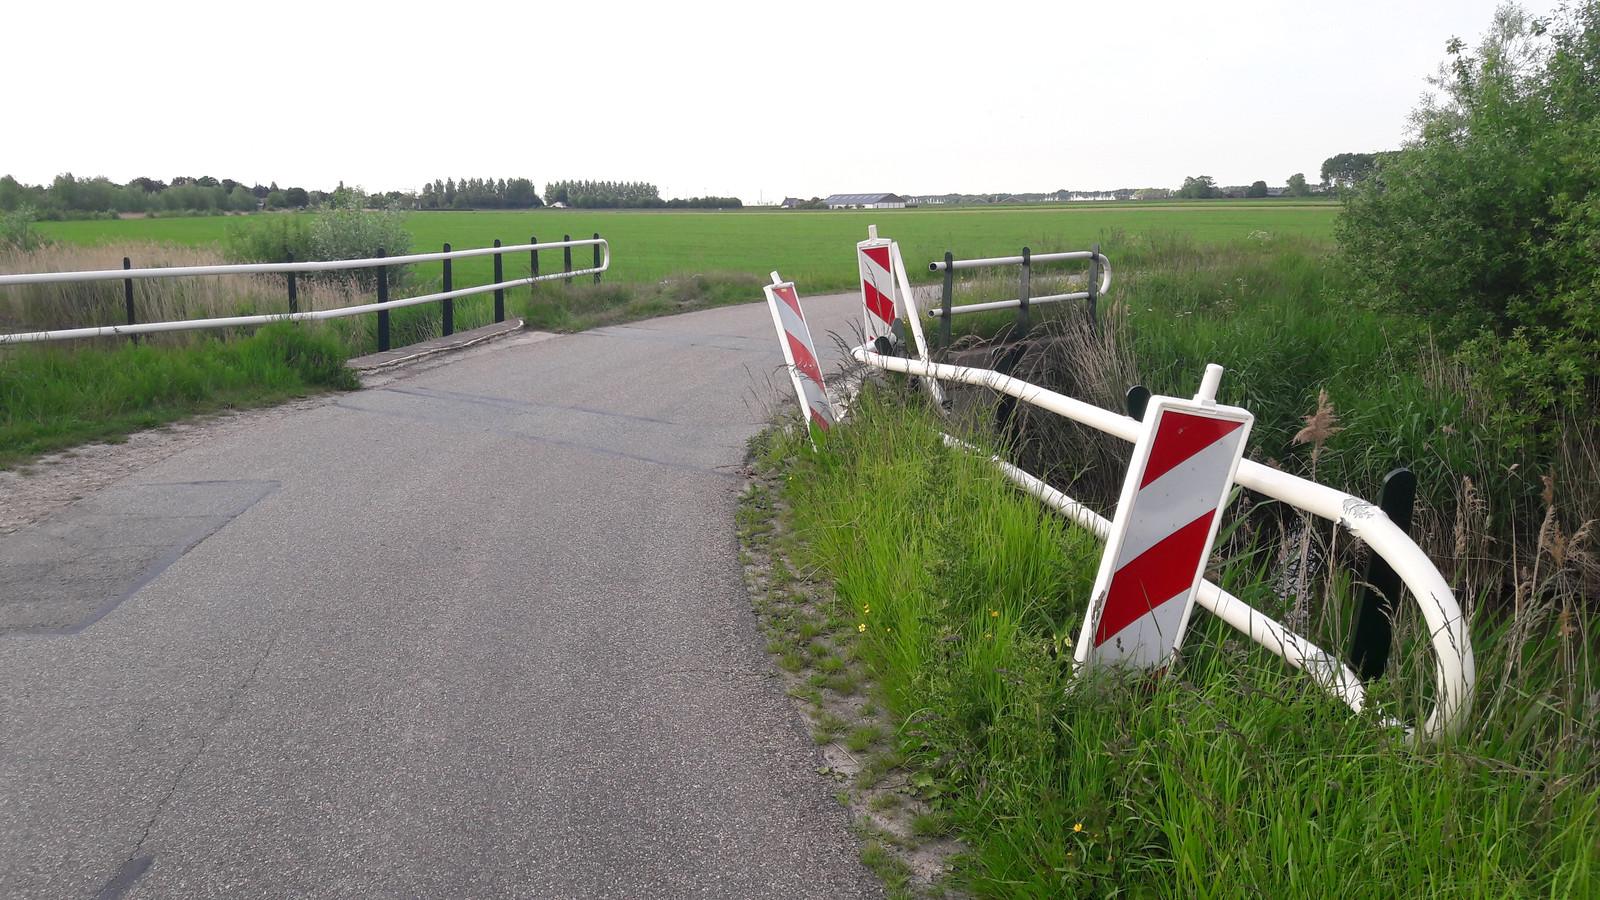 Een bocht in de Lange Betteweg bij Biervliet, de reling van de brug over de watergang is inmiddels kapot gereden.